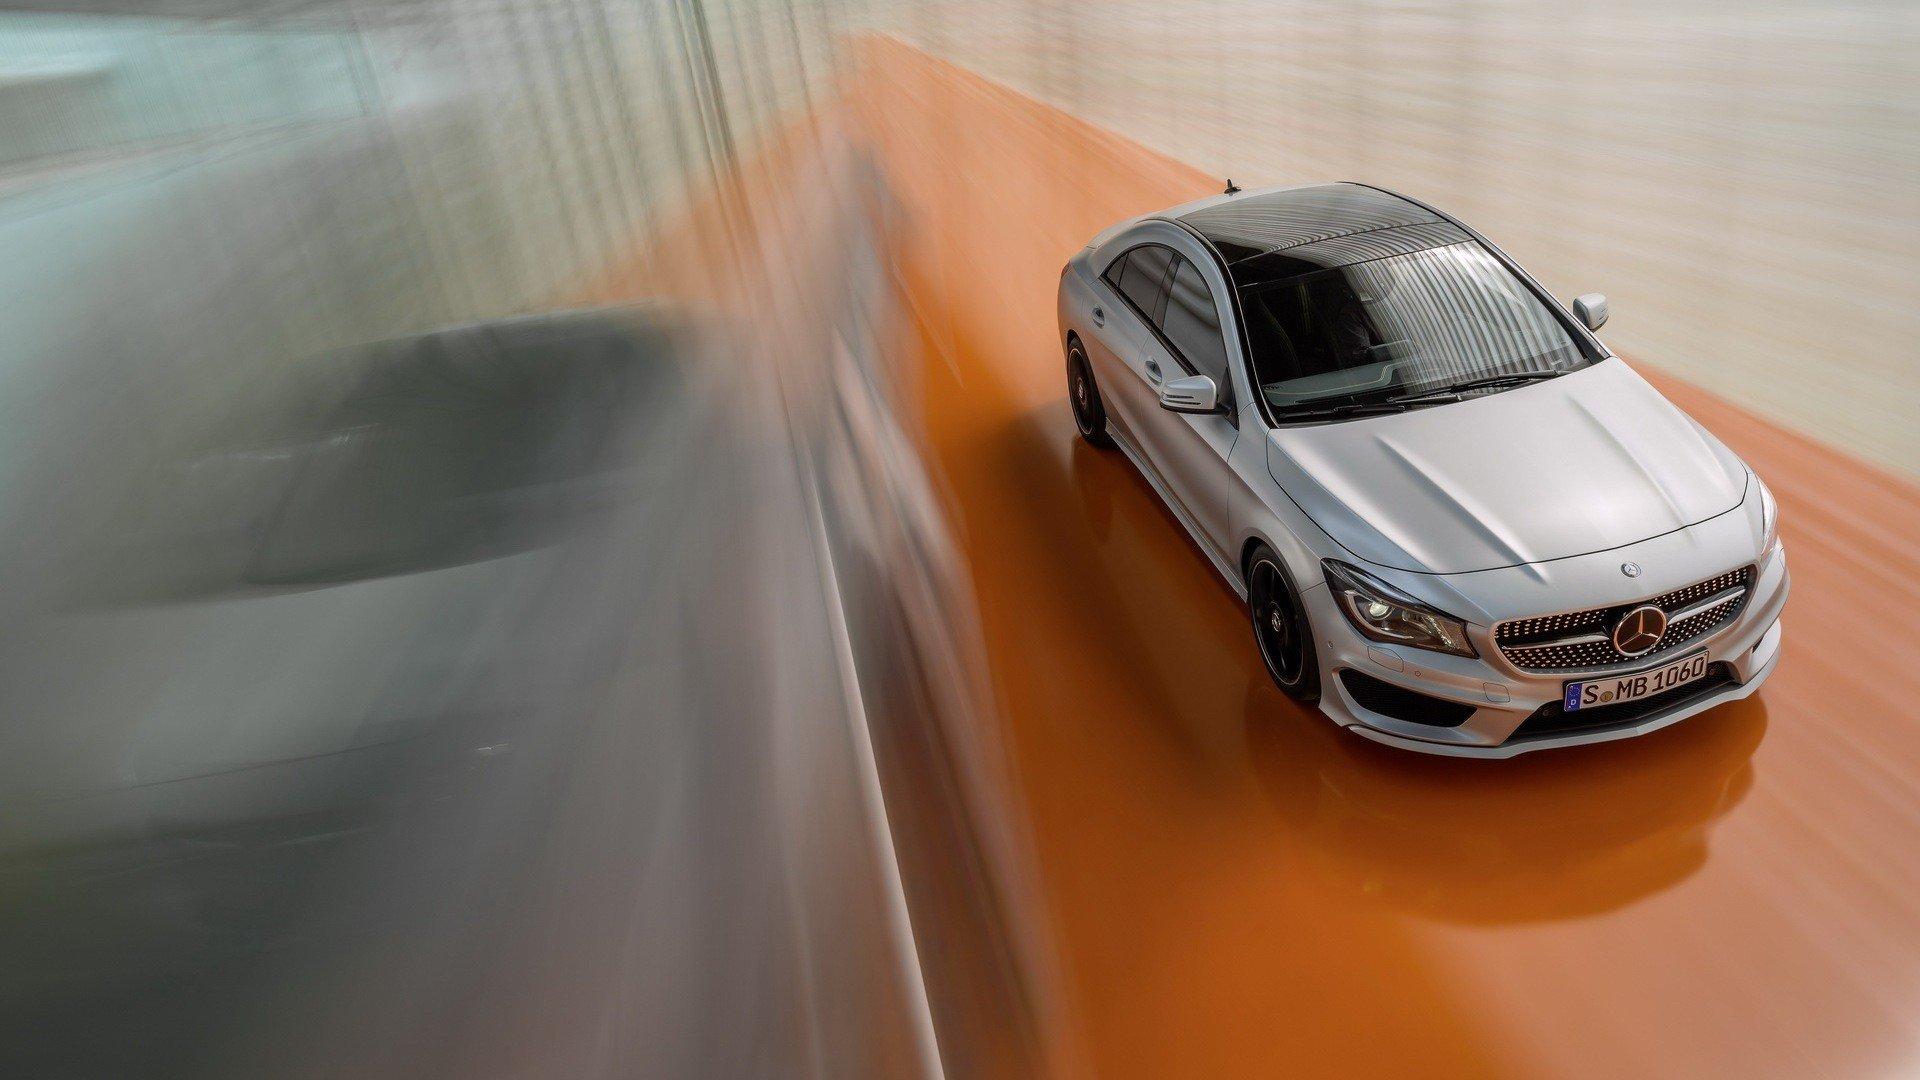 Cars AMG Mercedes Benz CLA cla 200 cla class wallpaper 1920x1080 1920x1080